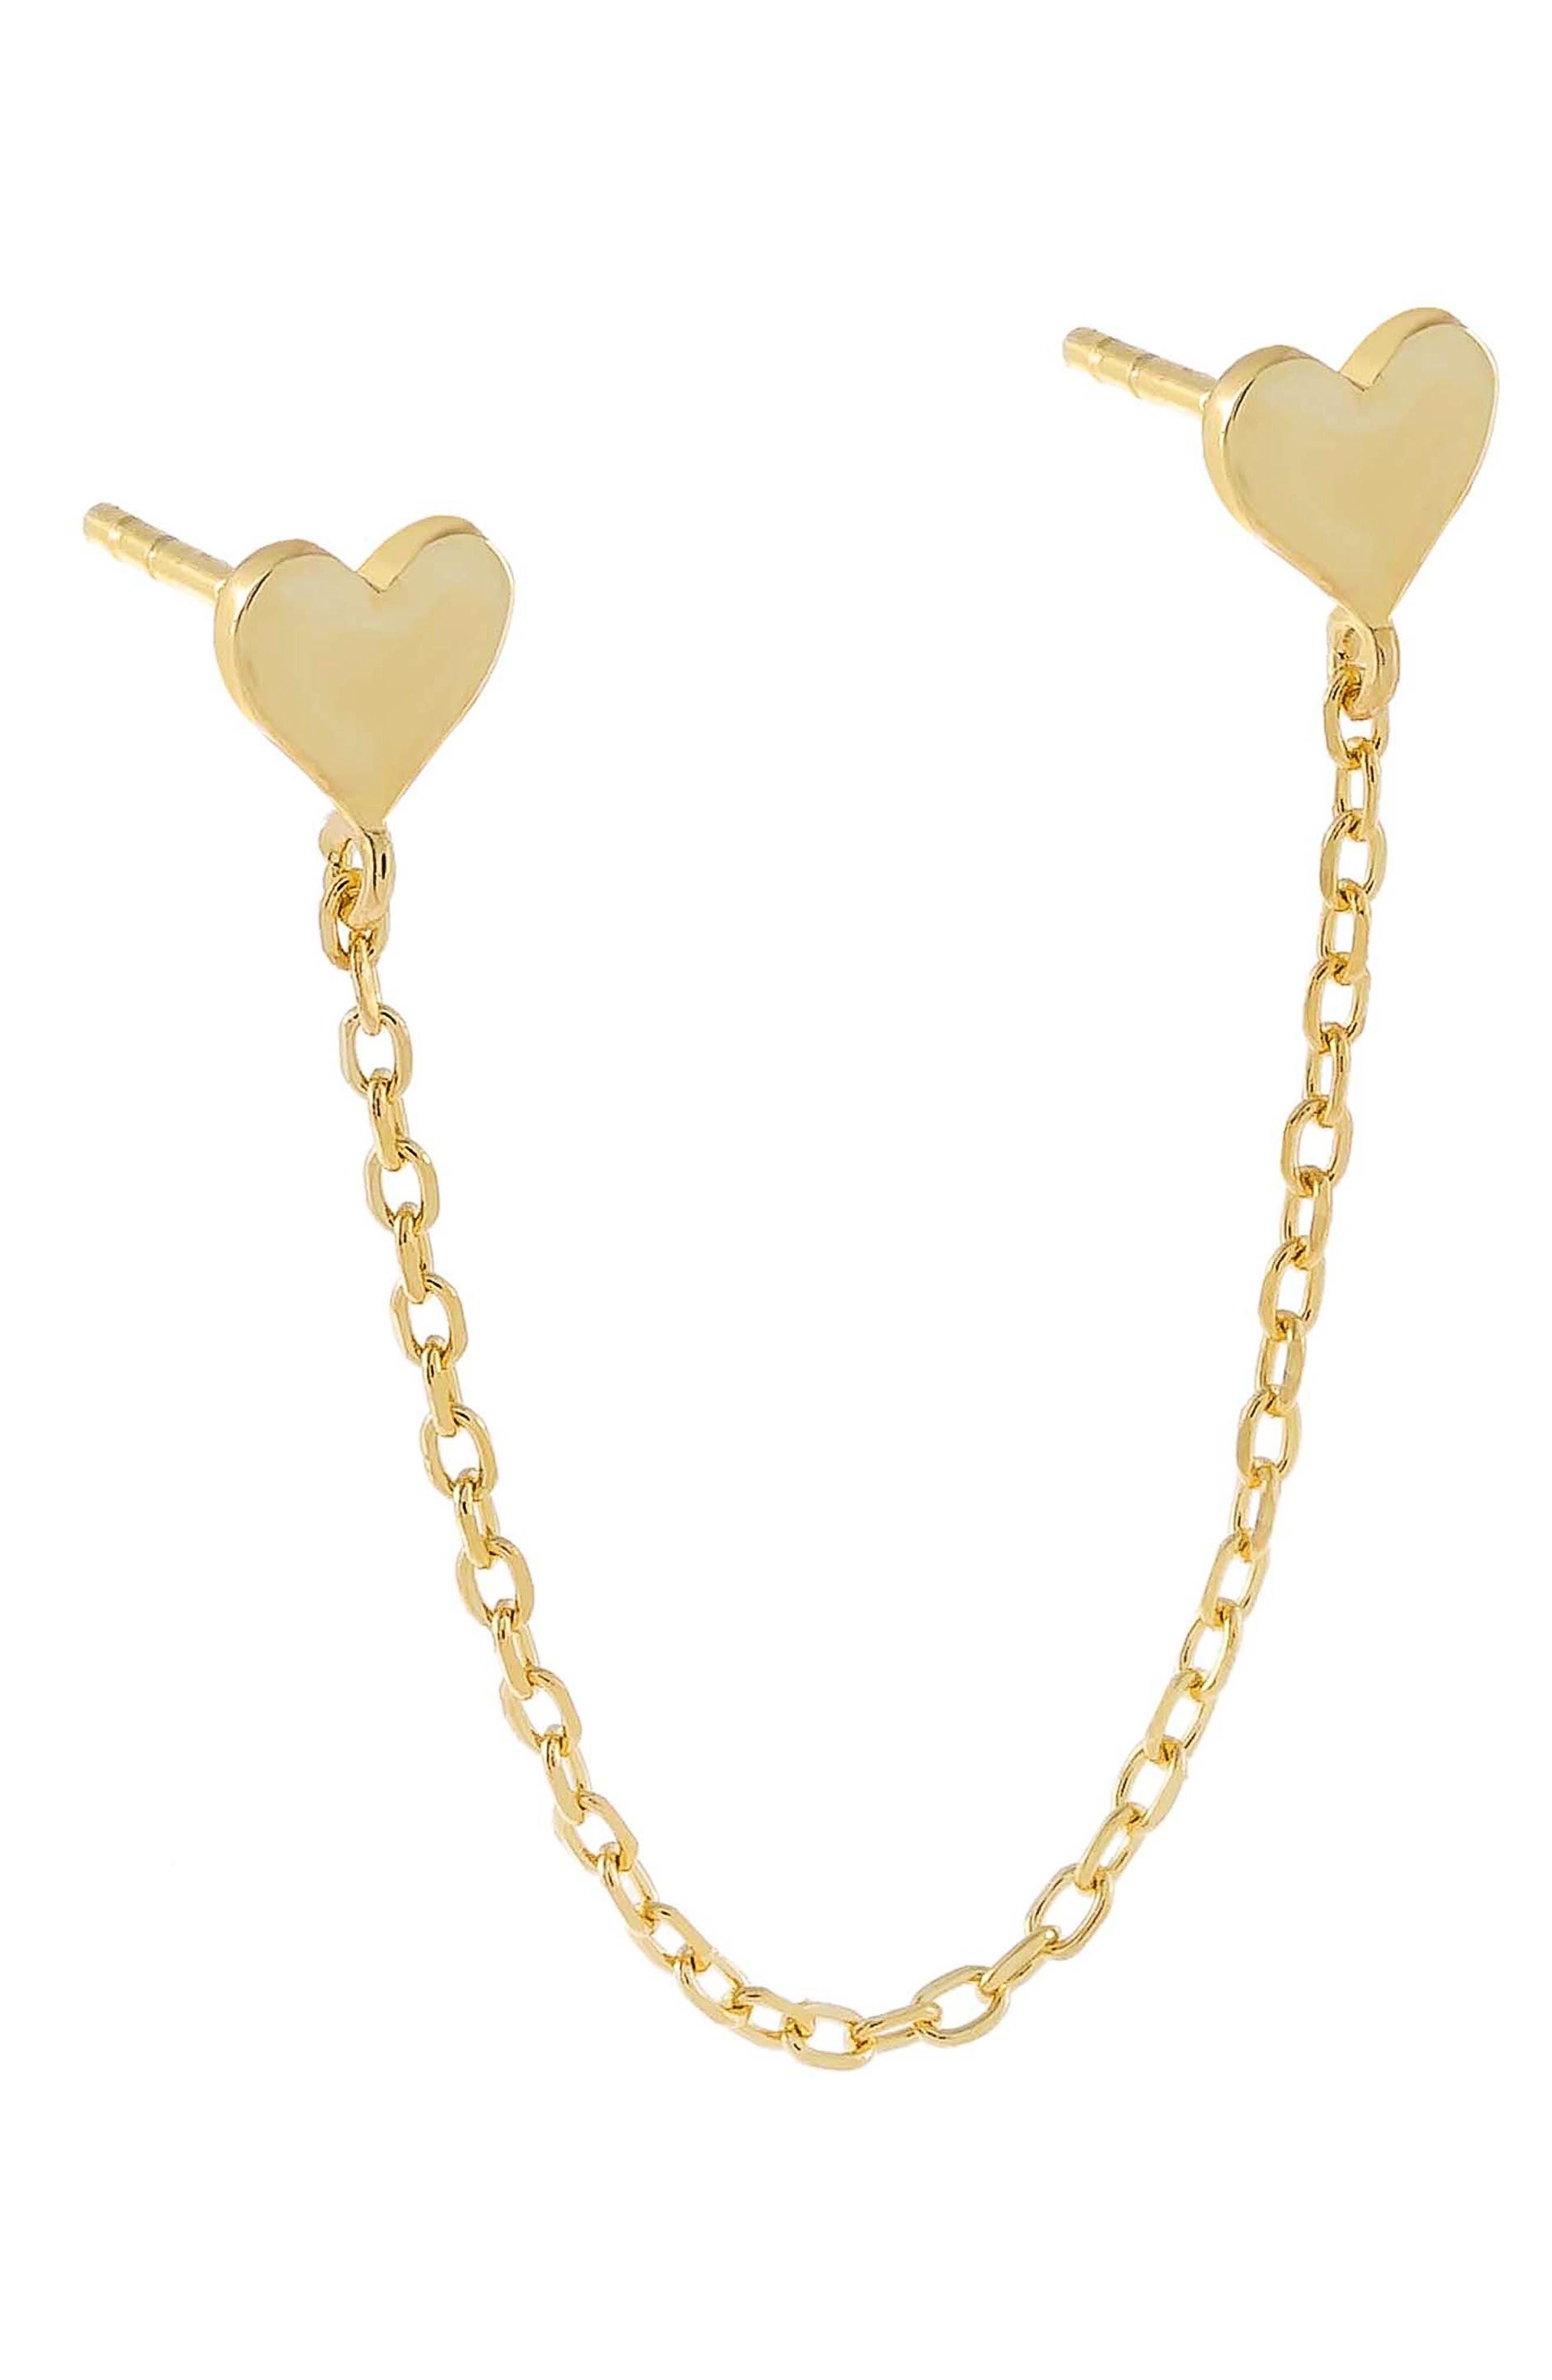 Cuffs Tassel Earring Butterfly Ear Cuff Draping Chain Stud Earrings for Women Girls Gifts